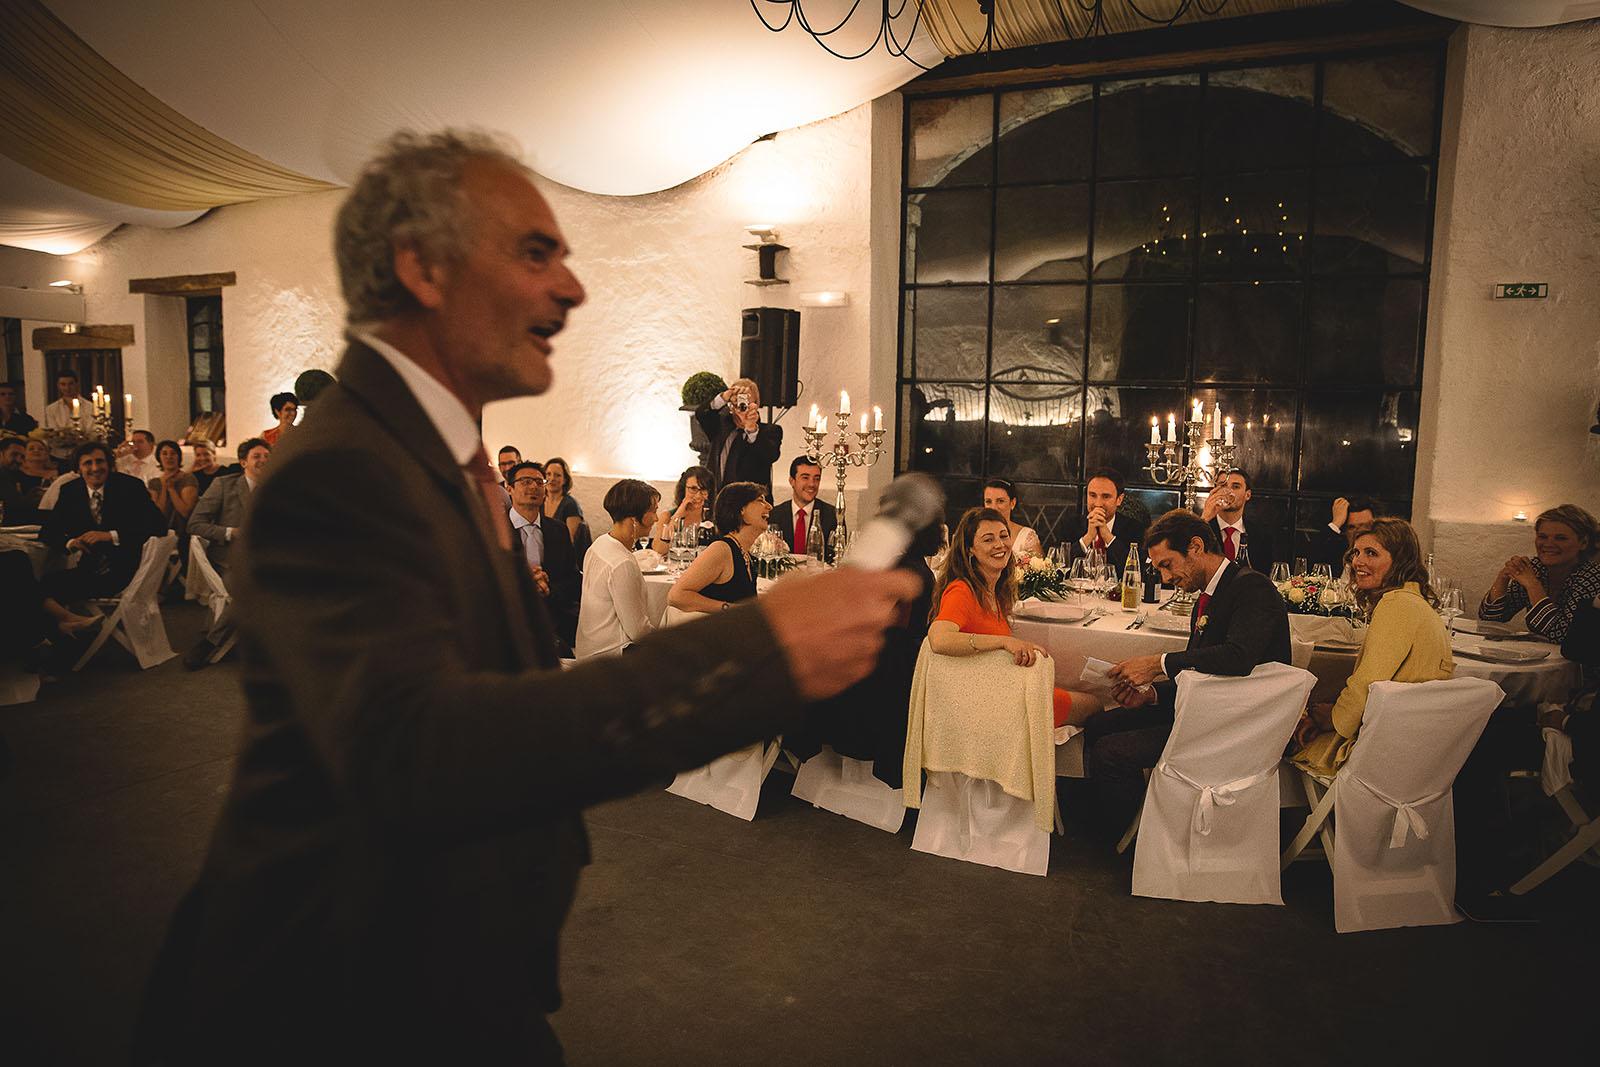 Mariage Château de Beauvoir. Le père de la mariée fait un discours dynamique devant la table des mariés. David Pommier photographe de mariage